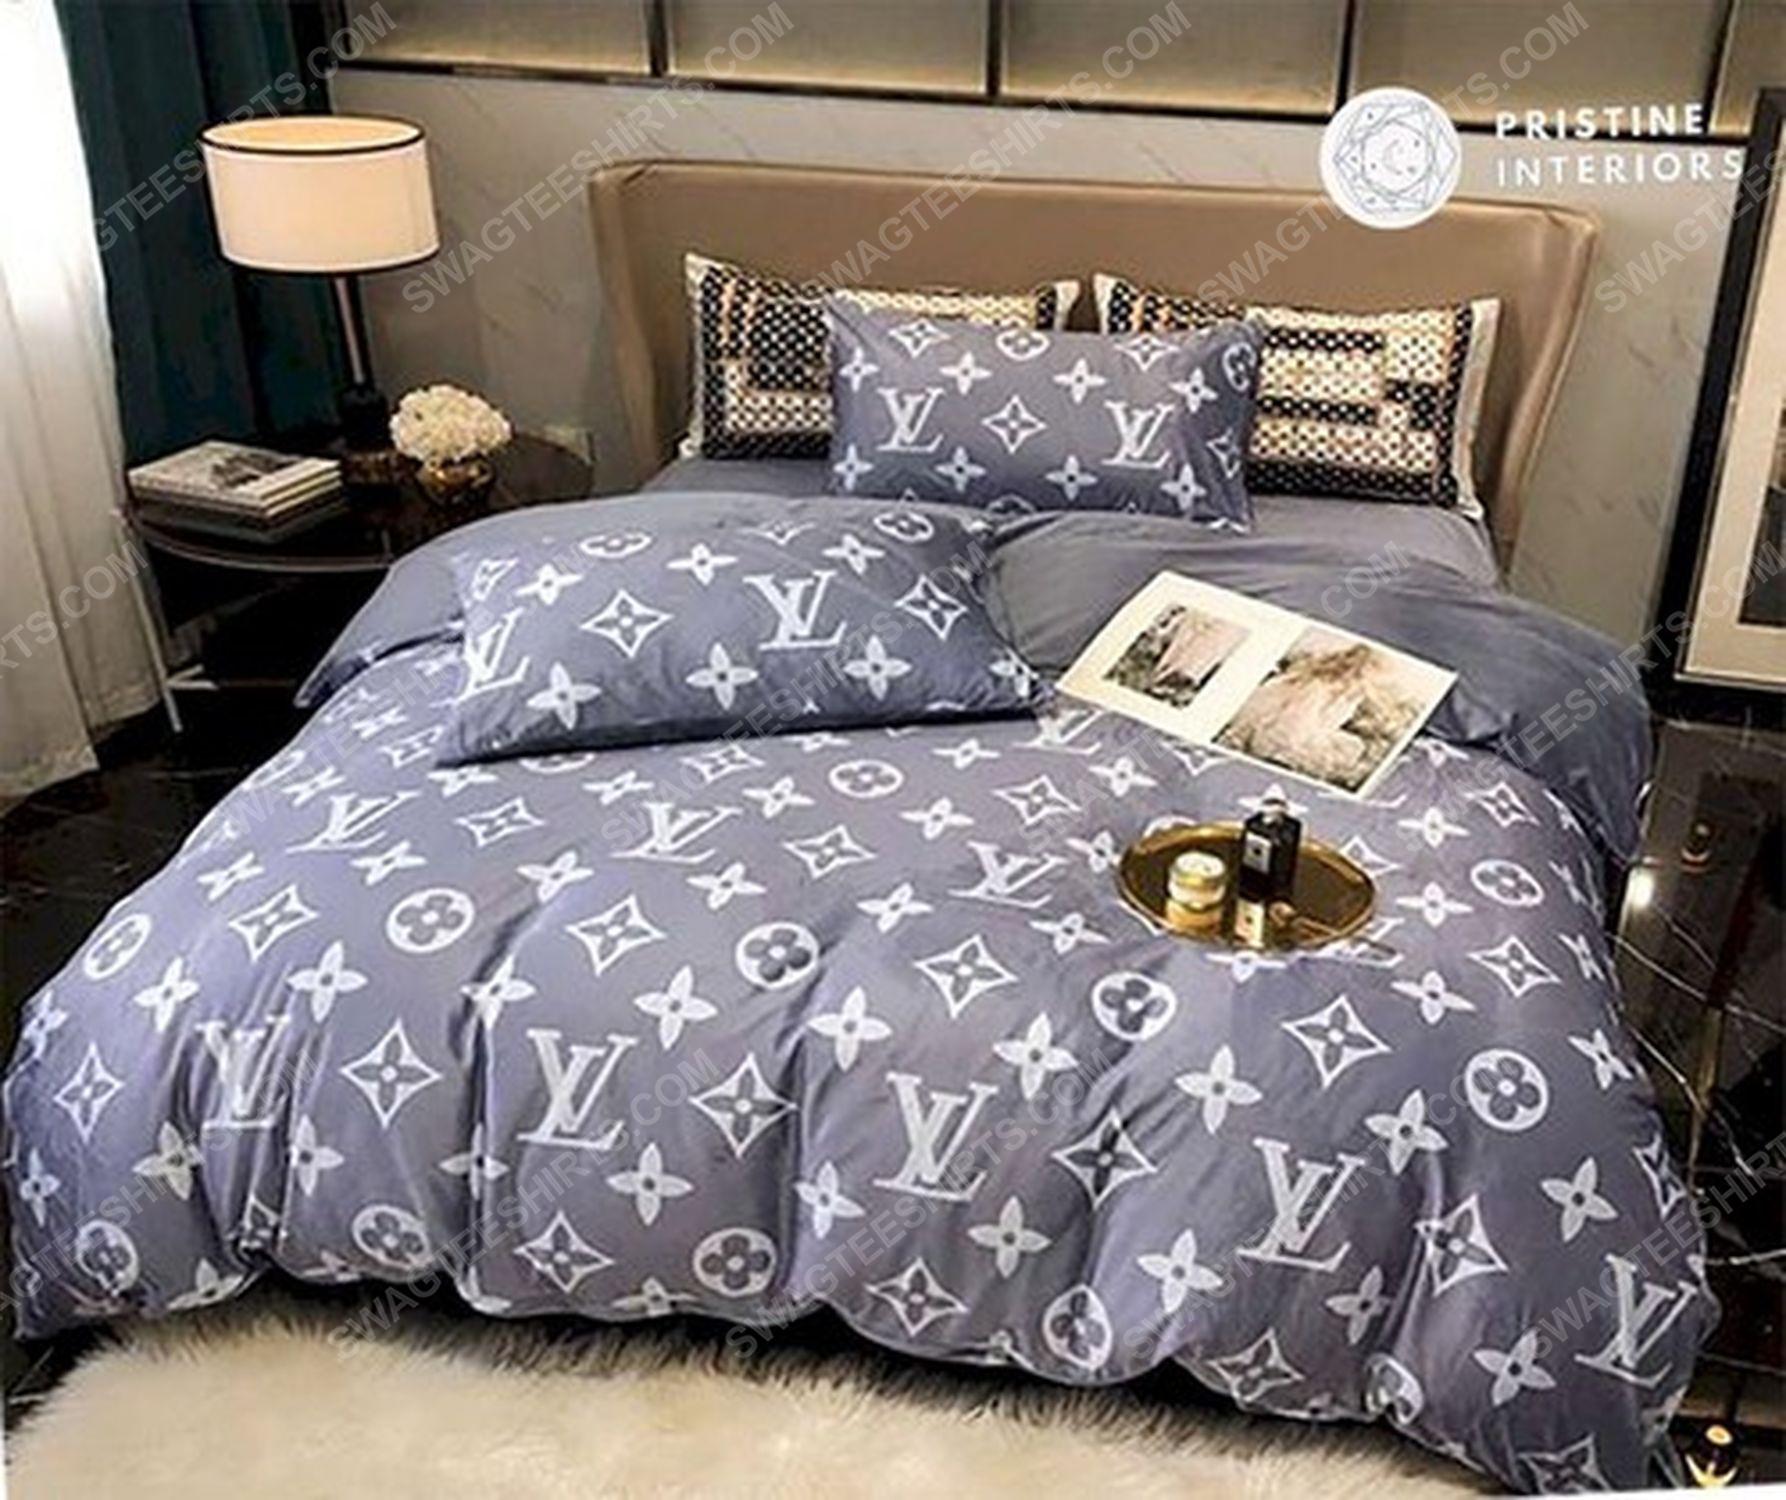 Lv monogram full print duvet cover bedding set 2